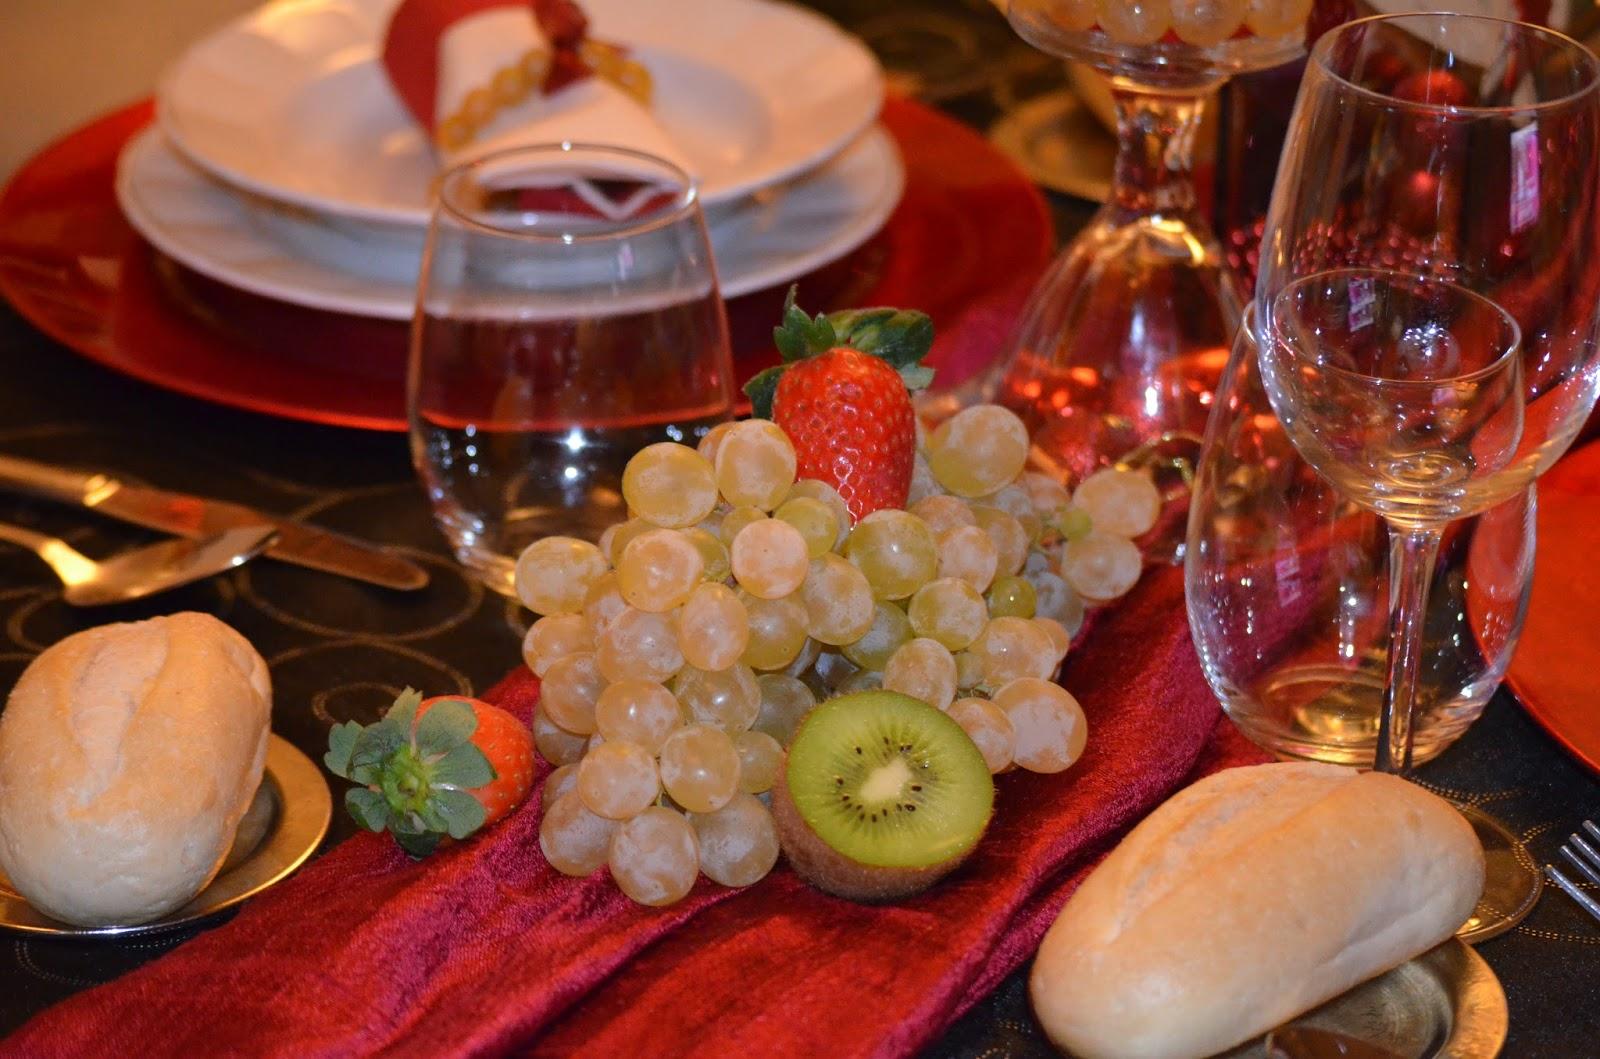 Cocina con esther mesa para nochevieja for Comidas para nochevieja